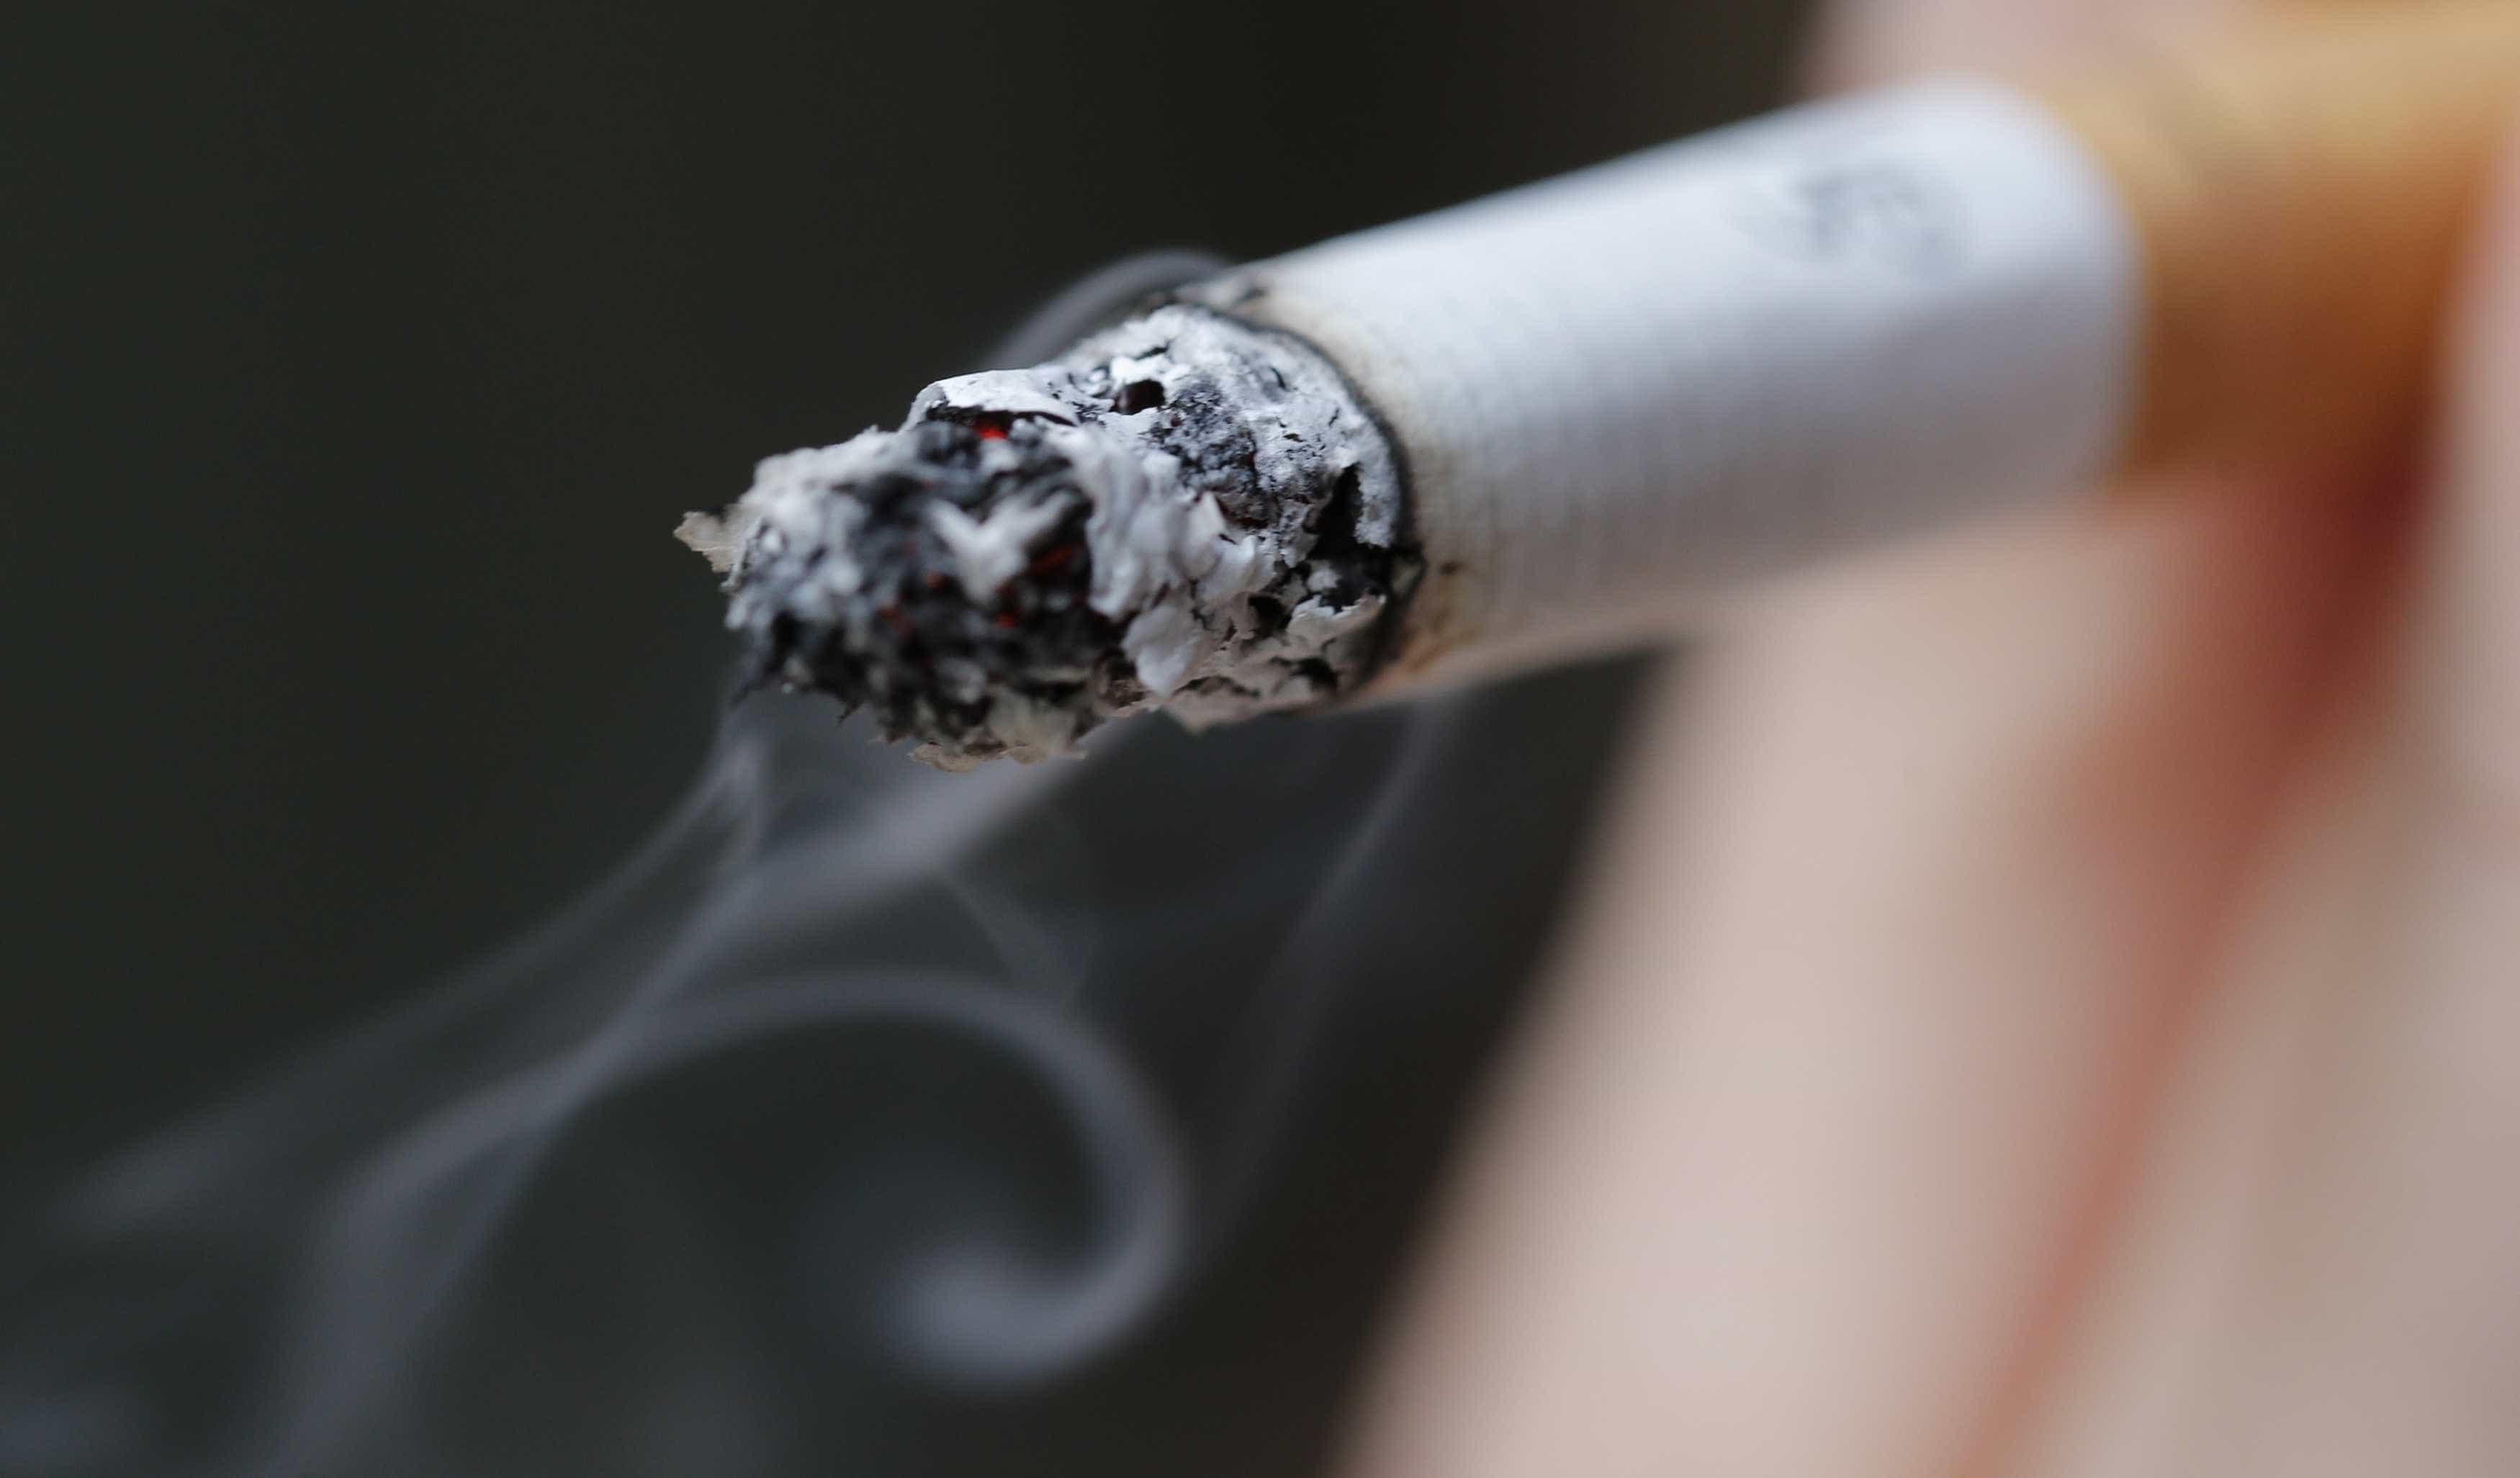 Há mais doenças em que o tabaco tem (muitas) culpas